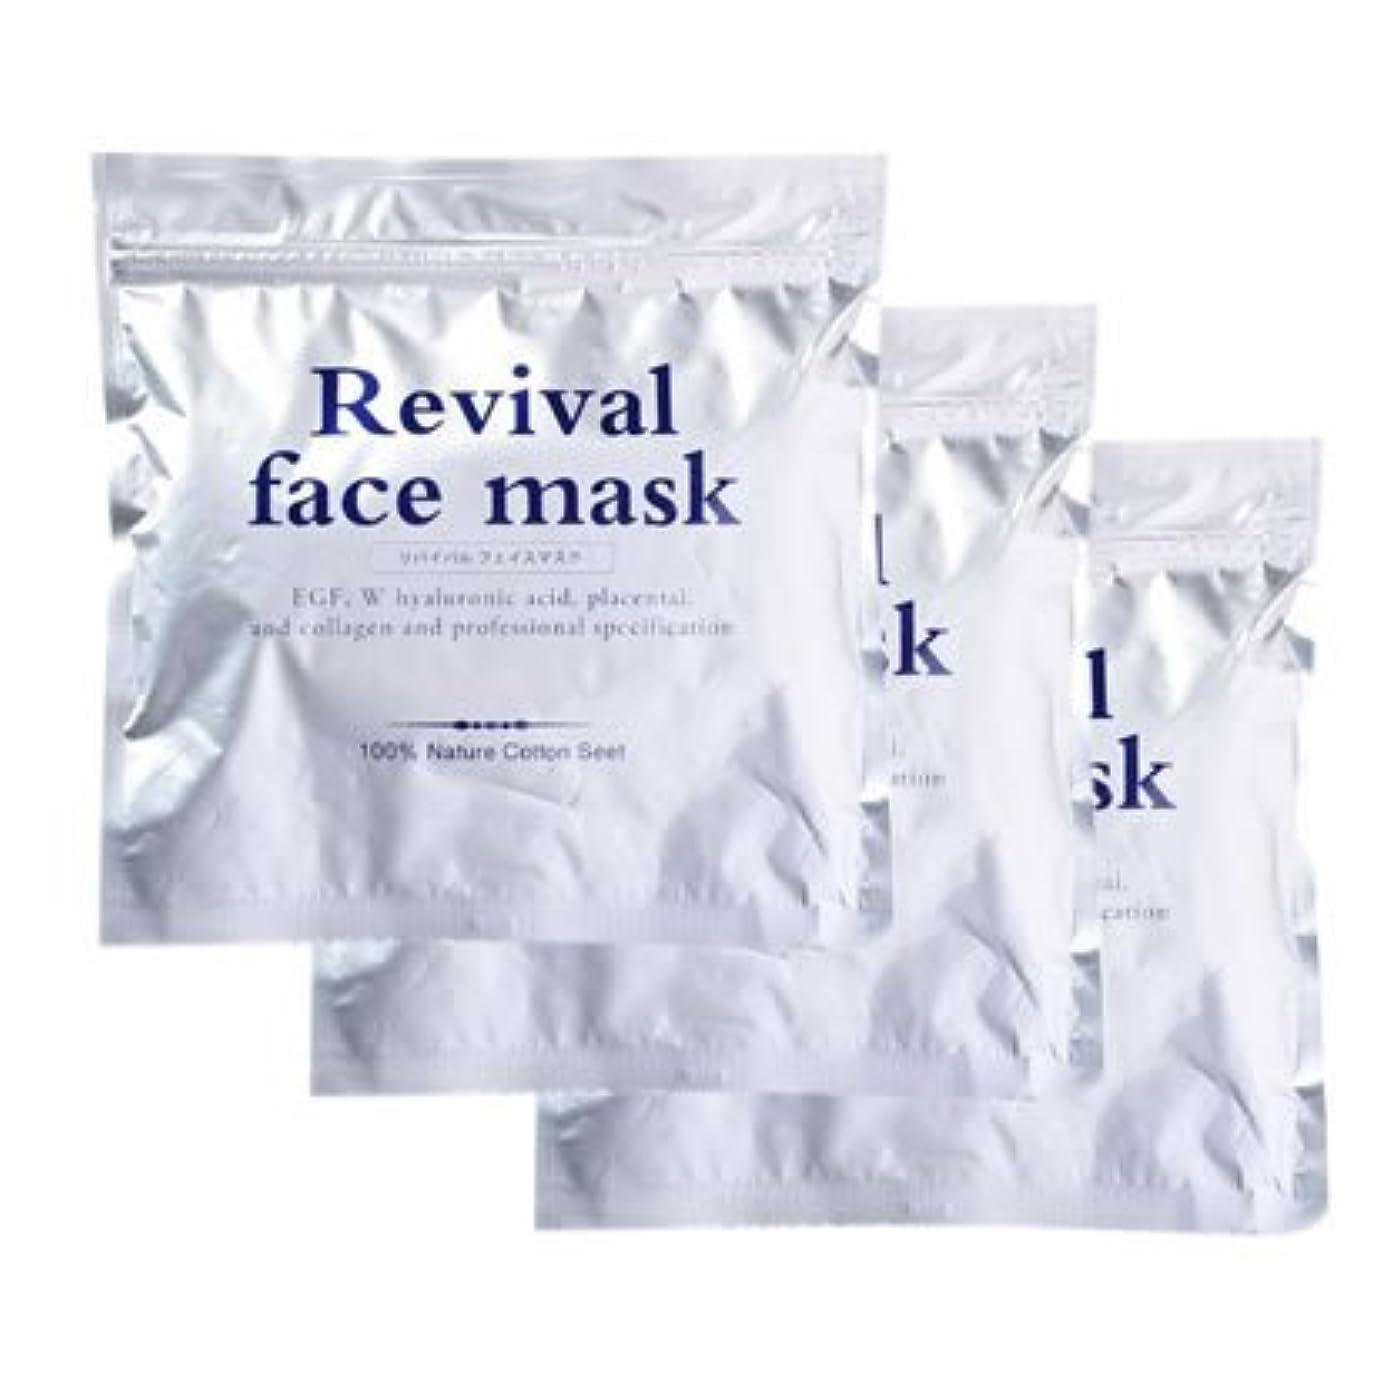 コーンウォール宇宙出会いリバイバルフェイスマスク 90枚セット(30枚×3袋)